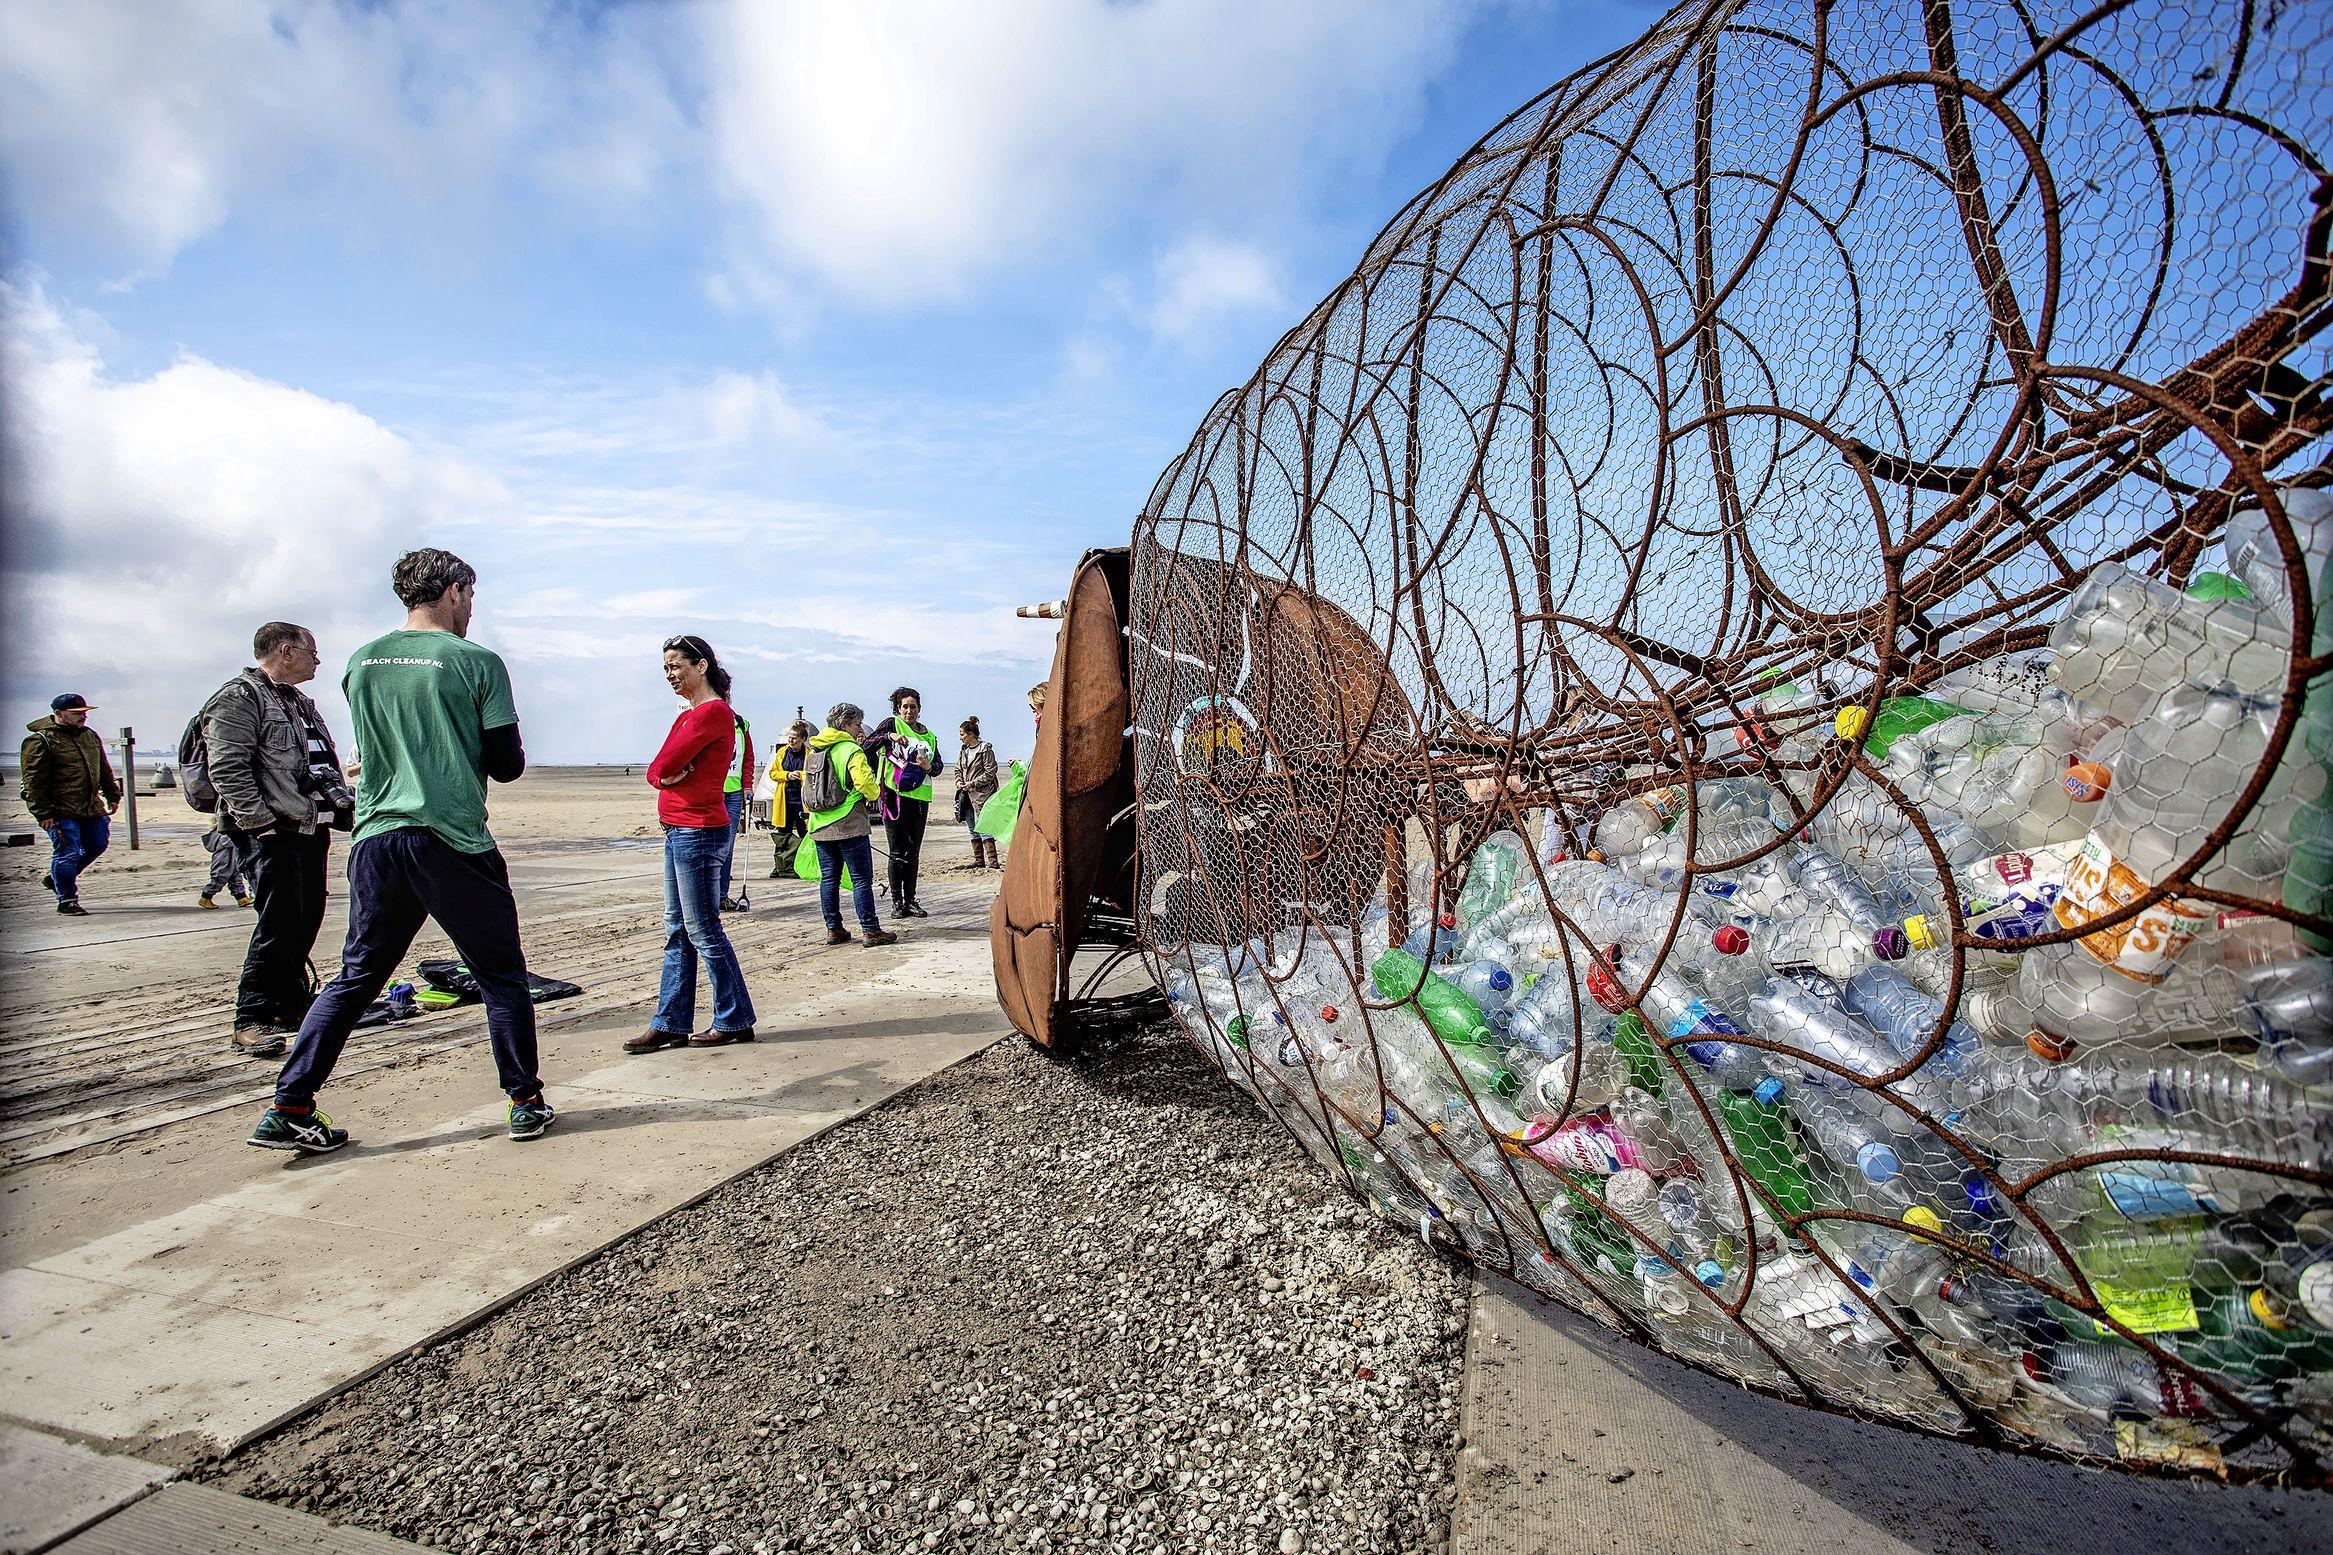 Al ploggend op weg naar een schoner strand: joggend afval verzamelen tussen IJmuiden en Zandvoort